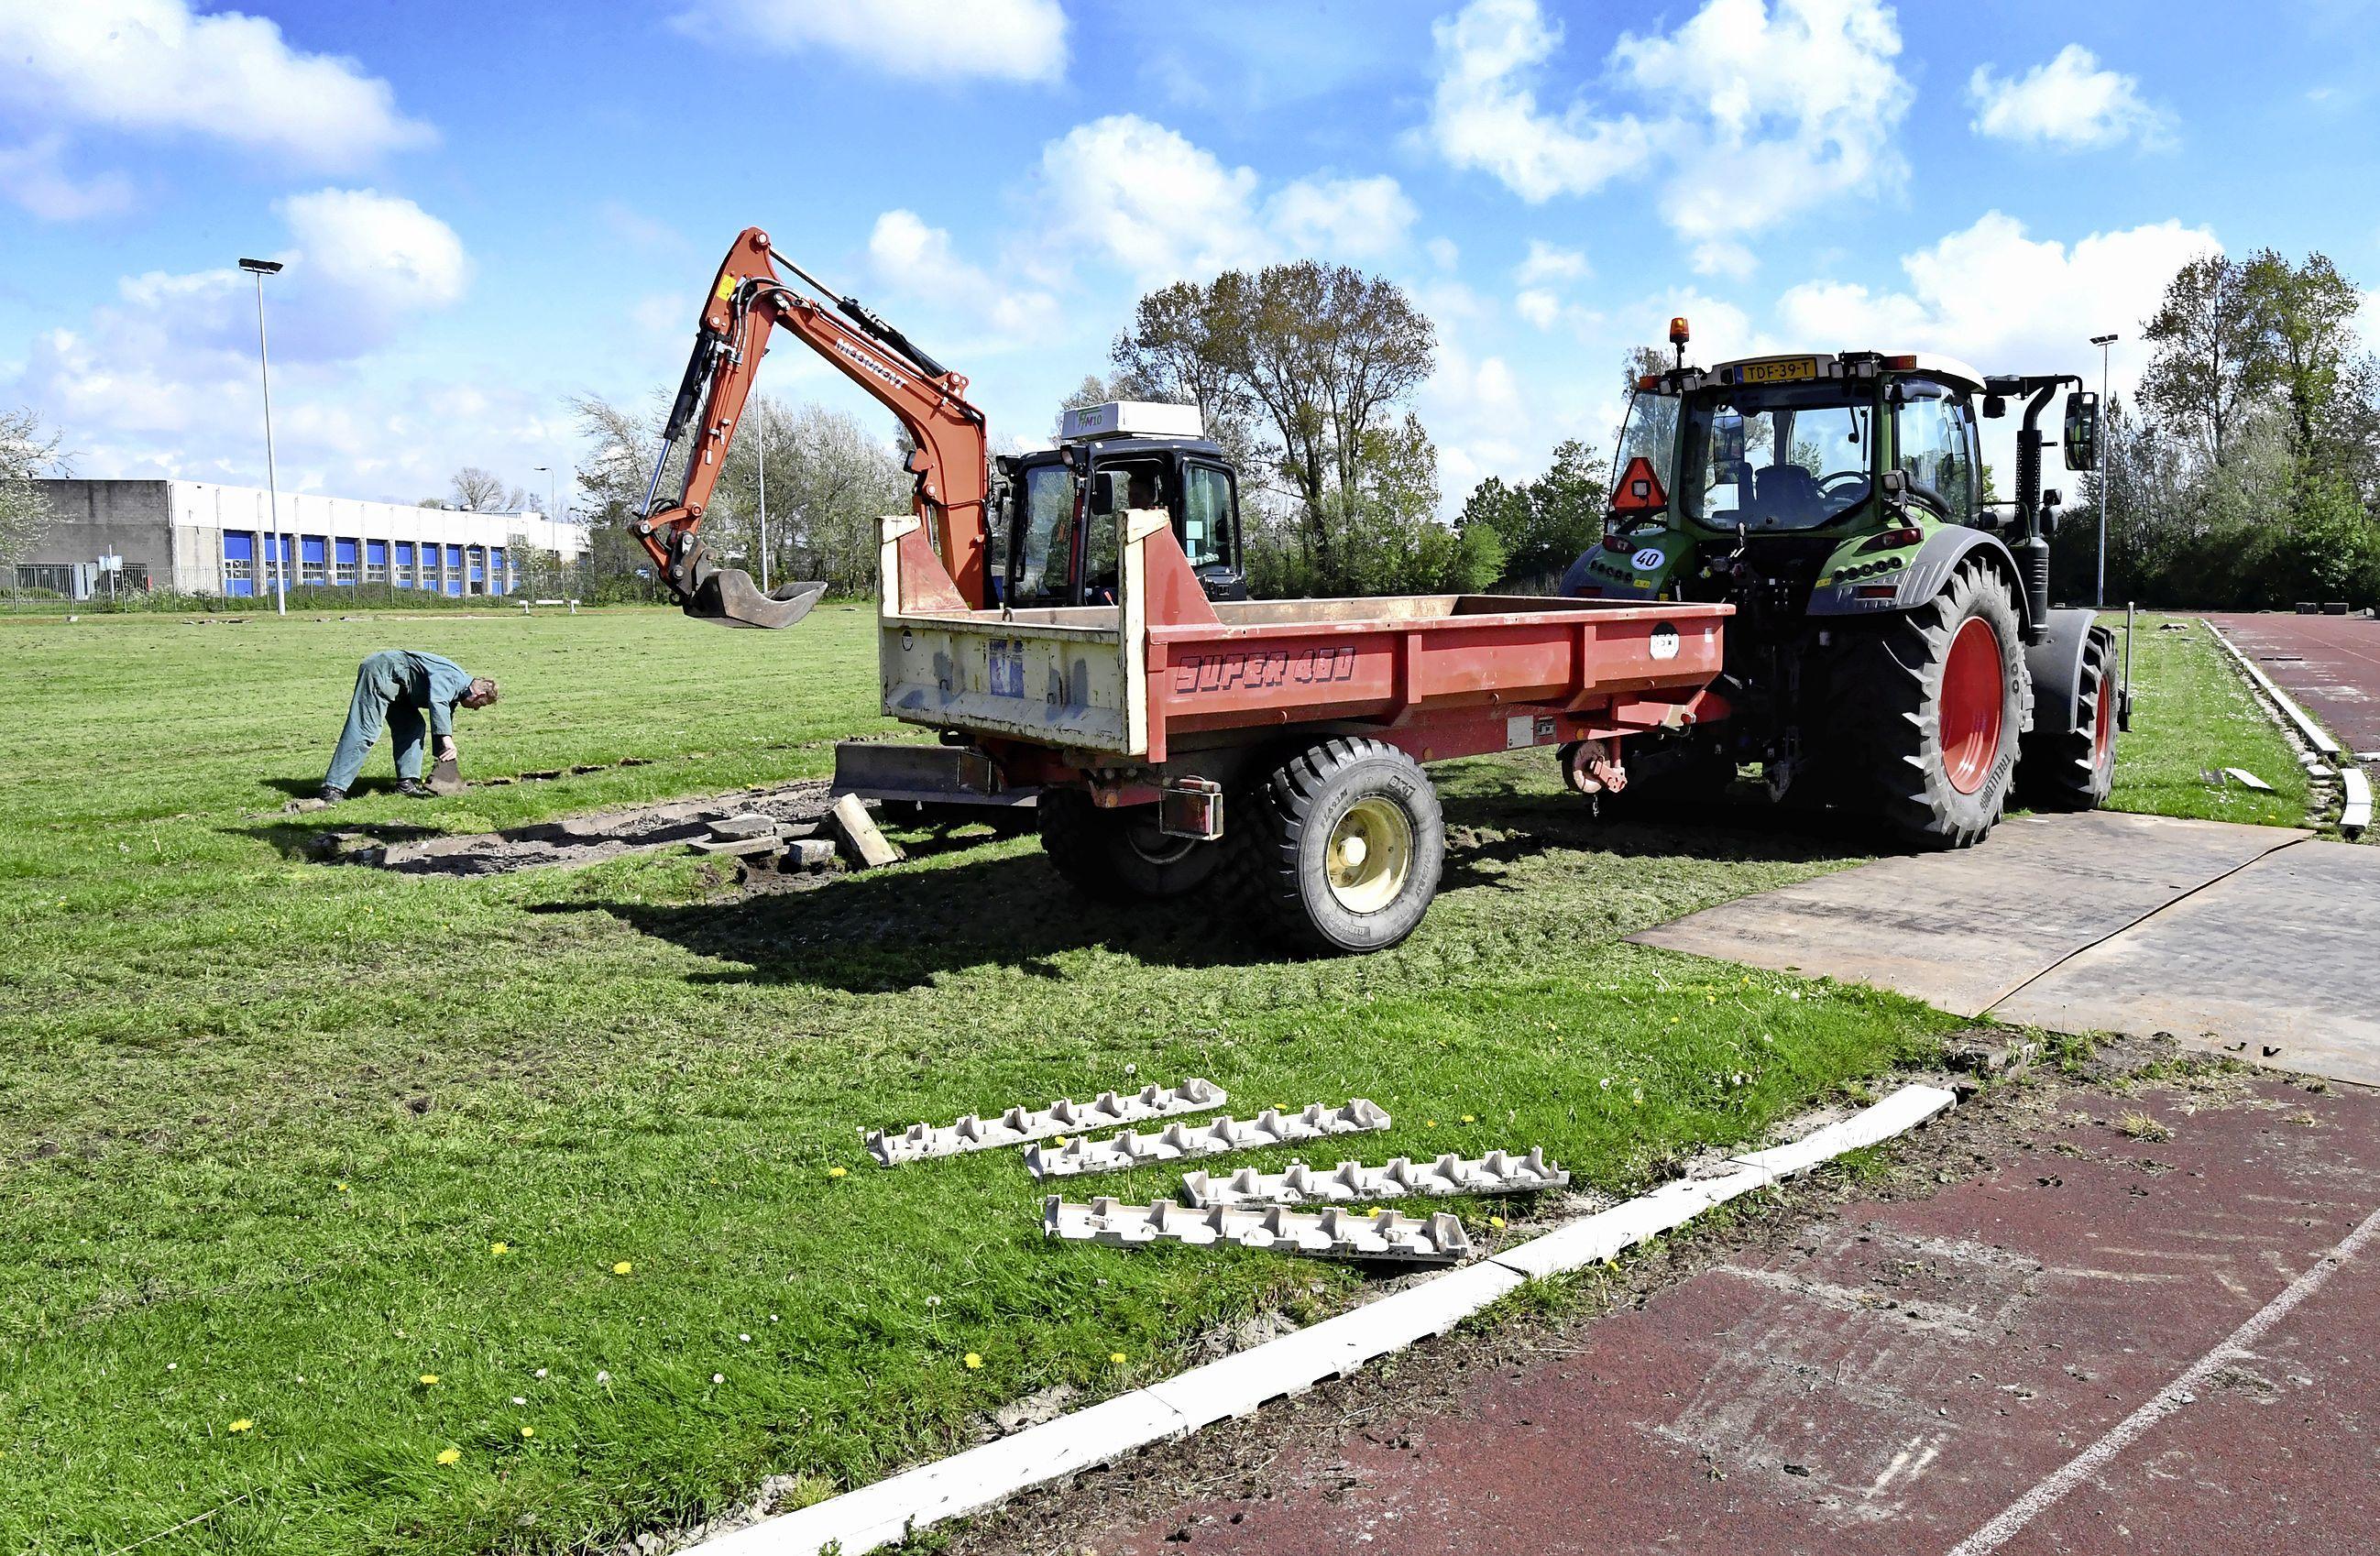 Nog een paar maanden wachten maar dan kan er straks weer gesport worden op een compleet gerenoveerd atletiekcomplex in Den Helder